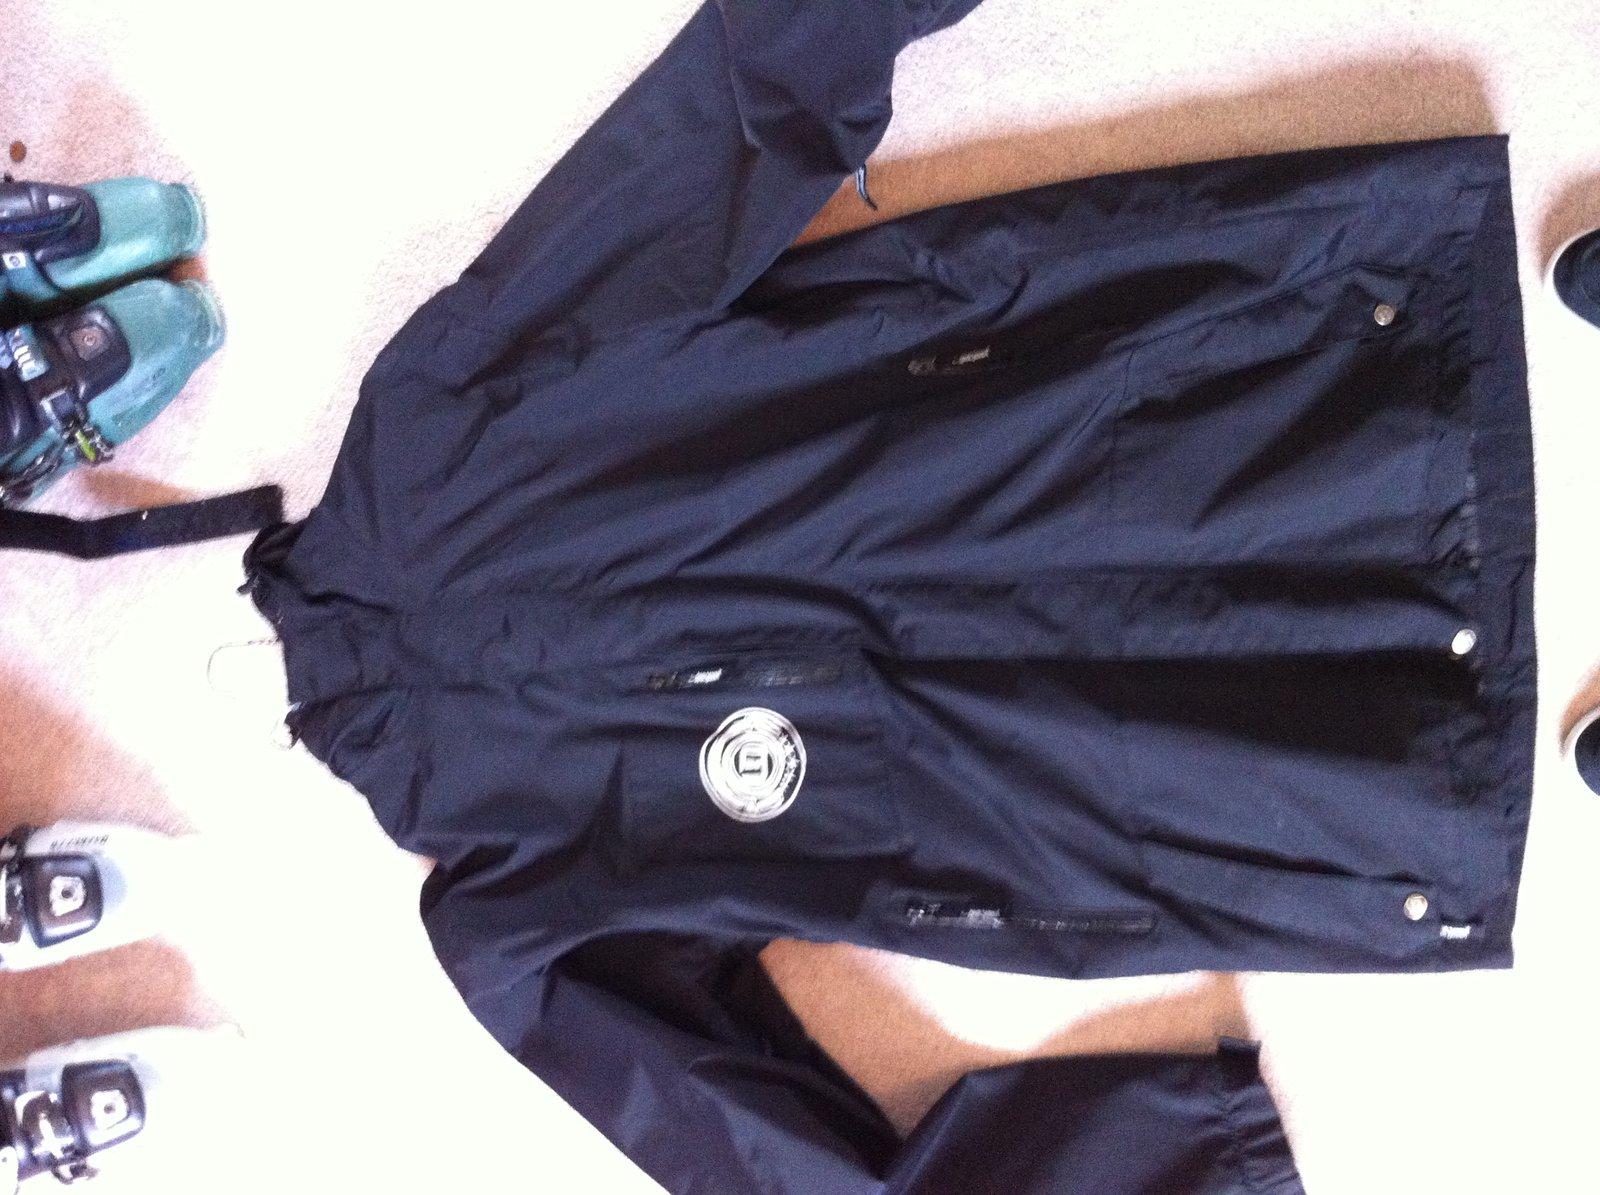 XLT LDC jacket